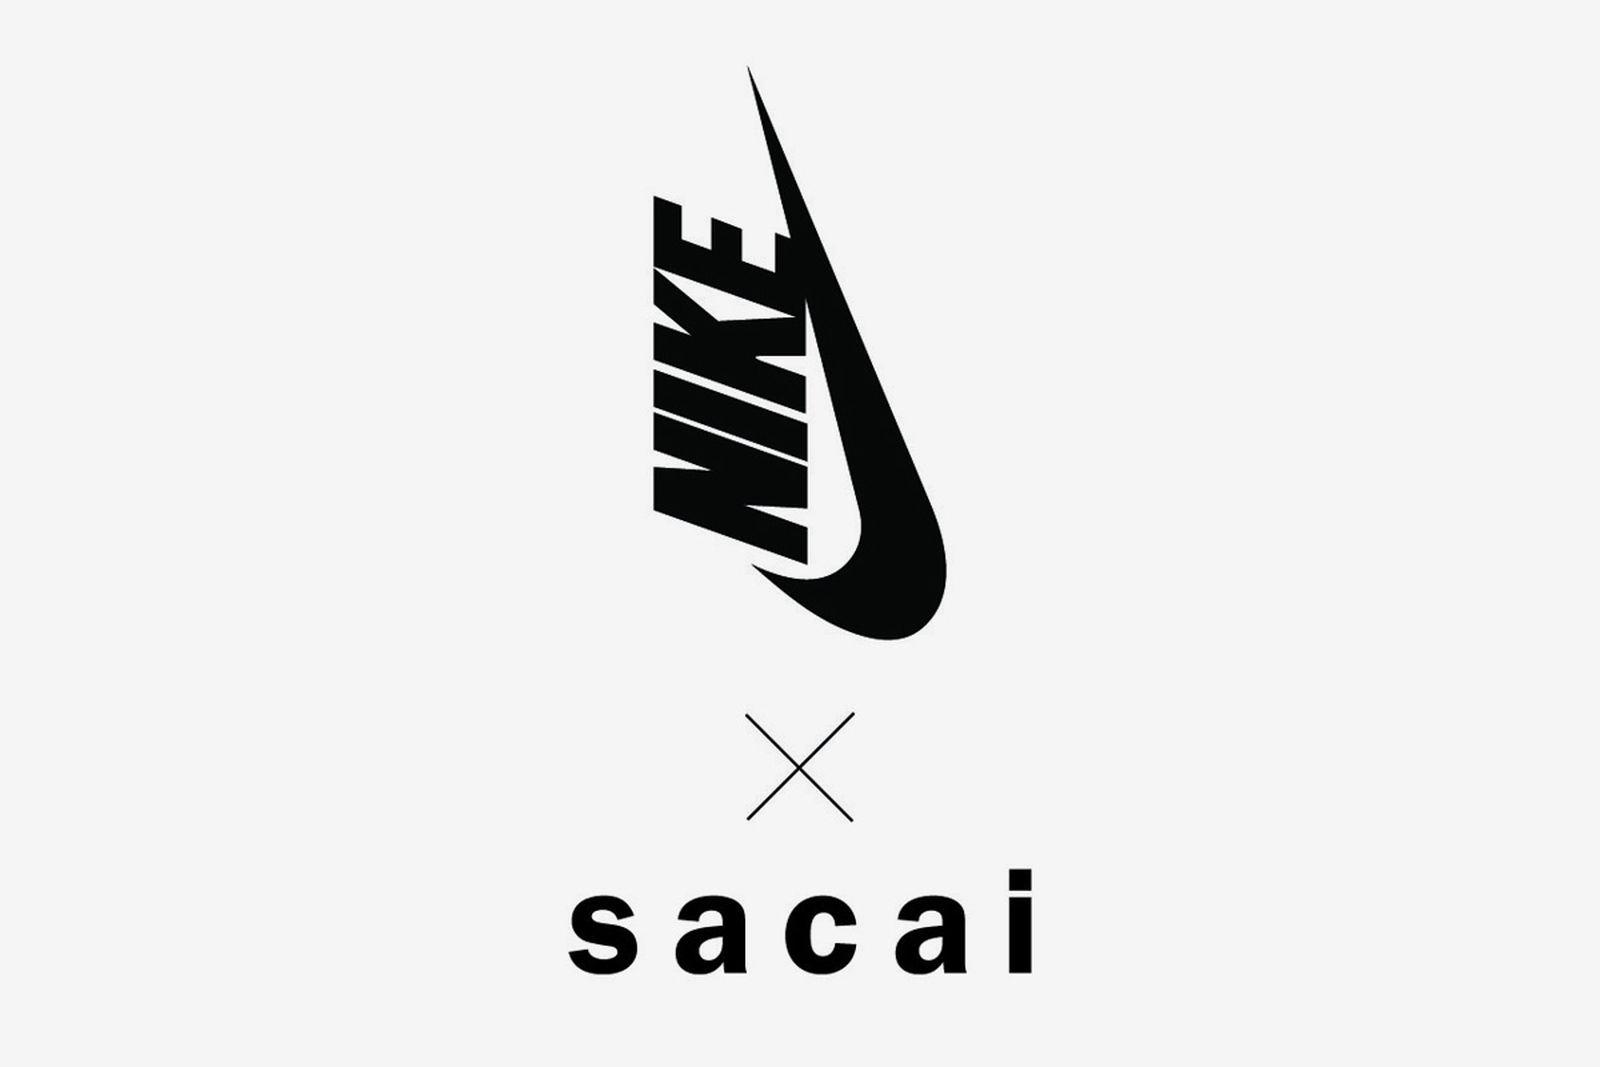 sacai-nike-peg-vaporfly-sp-rumor-01